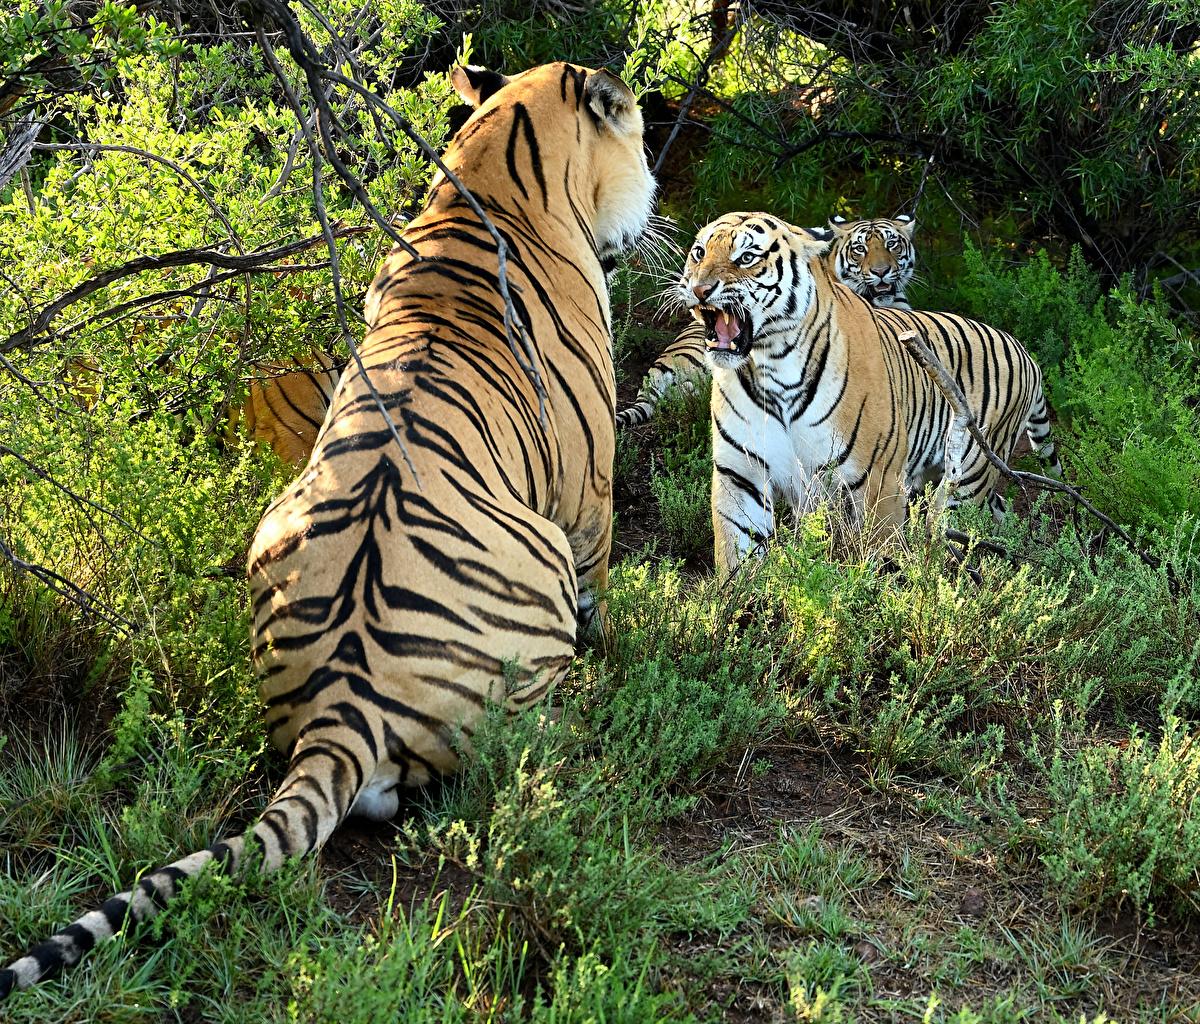 Картинка Тигры Большие кошки Двое злой животное тигр 2 два две вдвоем рычит Оскал злость Животные